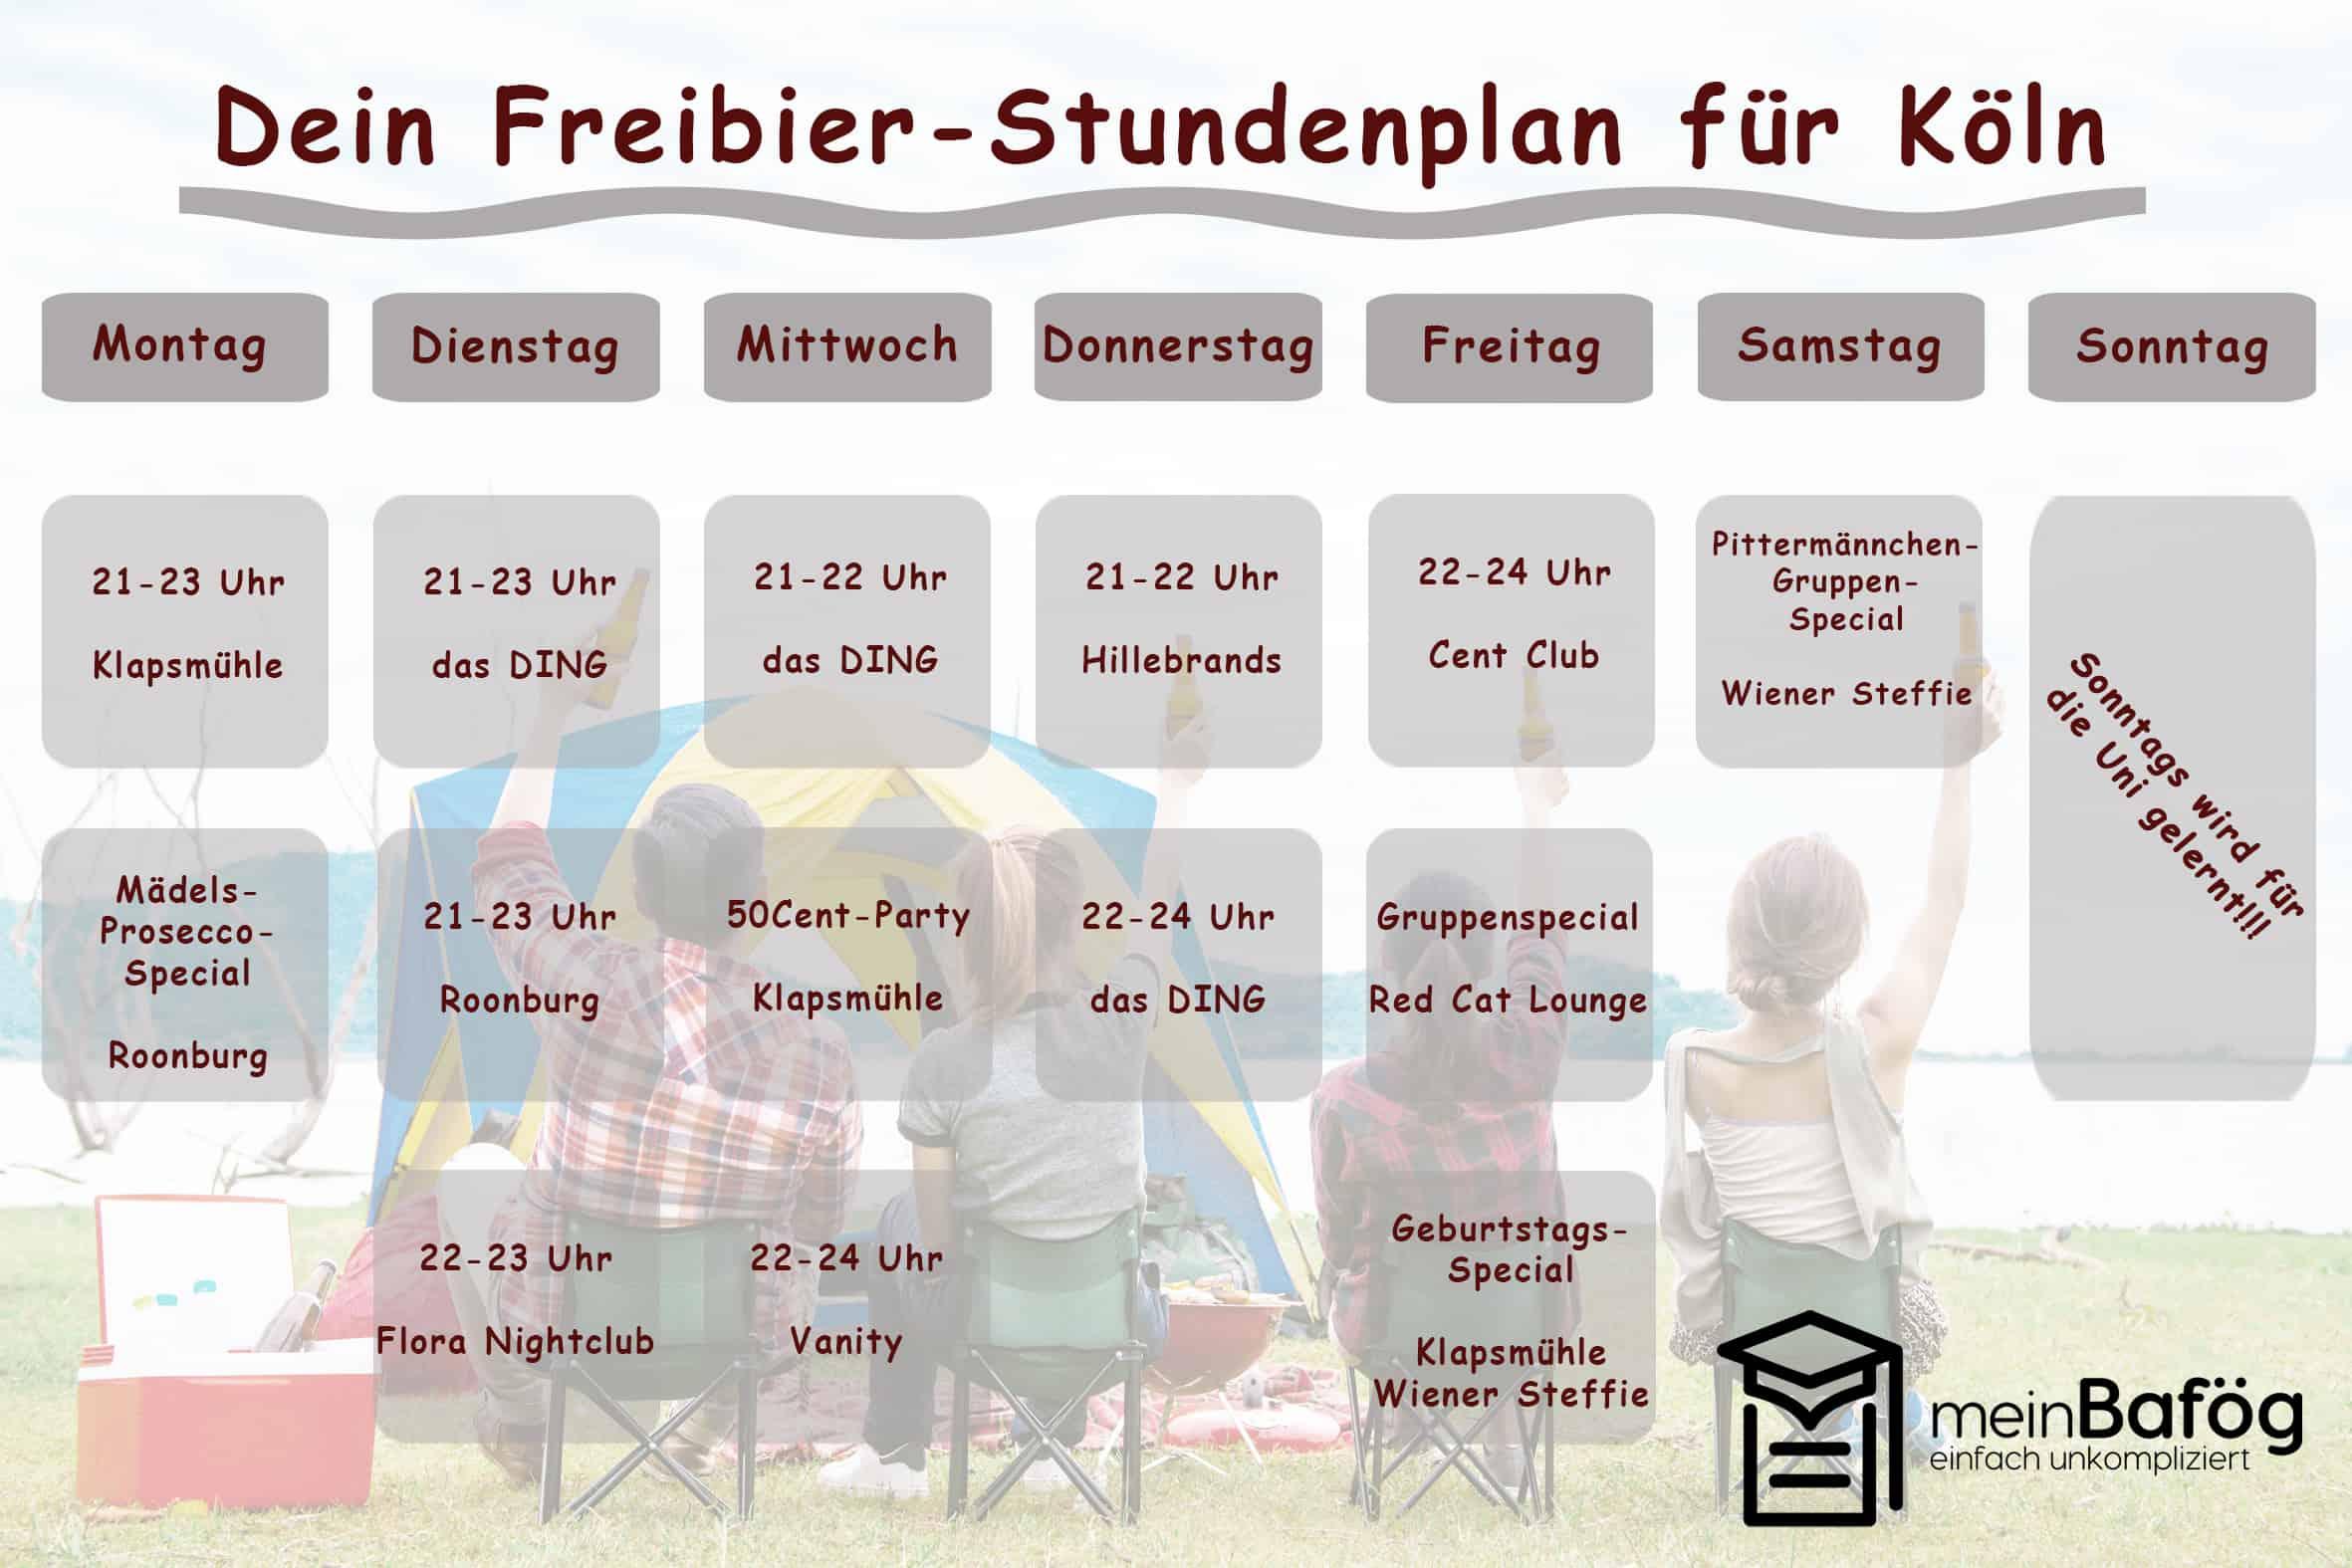 Stundenplan für Freibier in Köln in den coolsten Studentenclubs